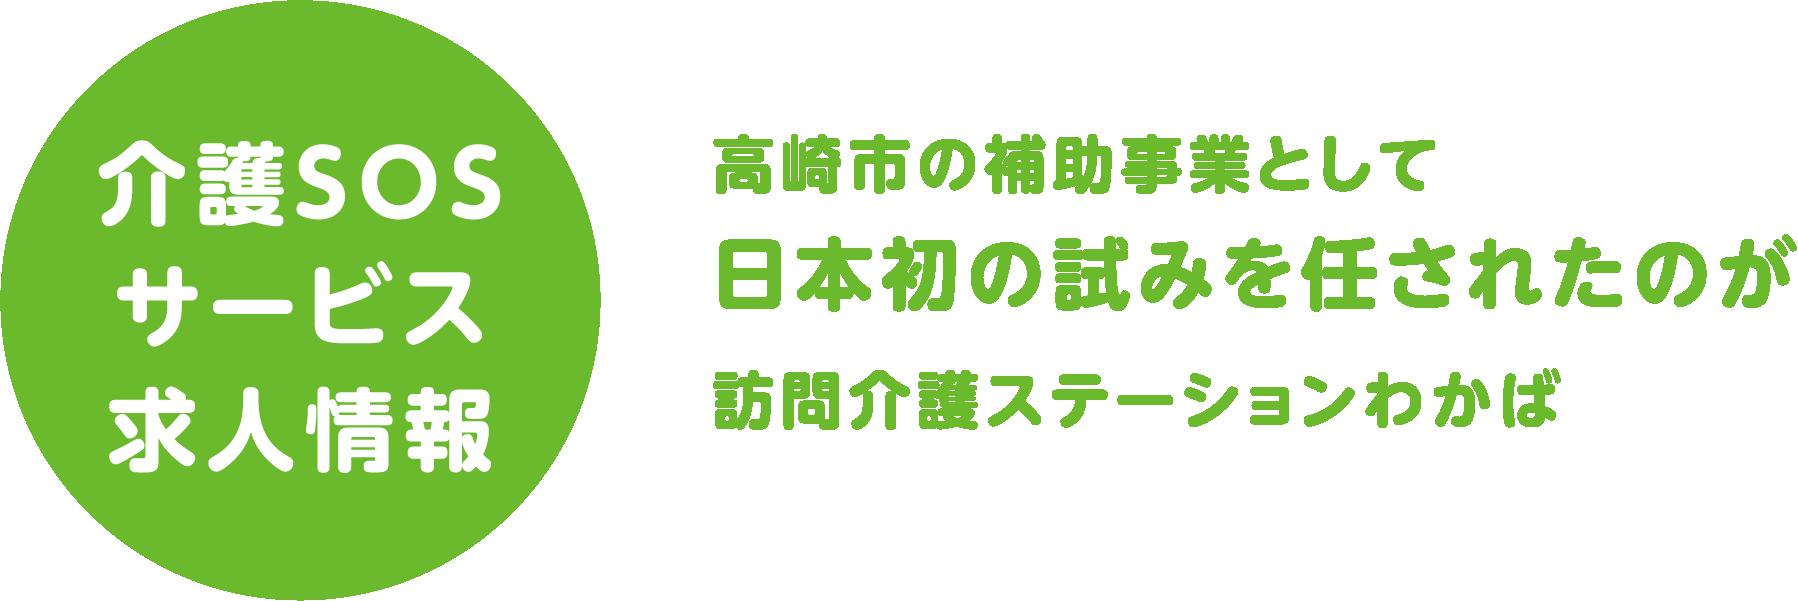 介護SOSサービス求人情報高崎市の補助事業として日本初の試みを任されたのが訪問介護ステーションわかば